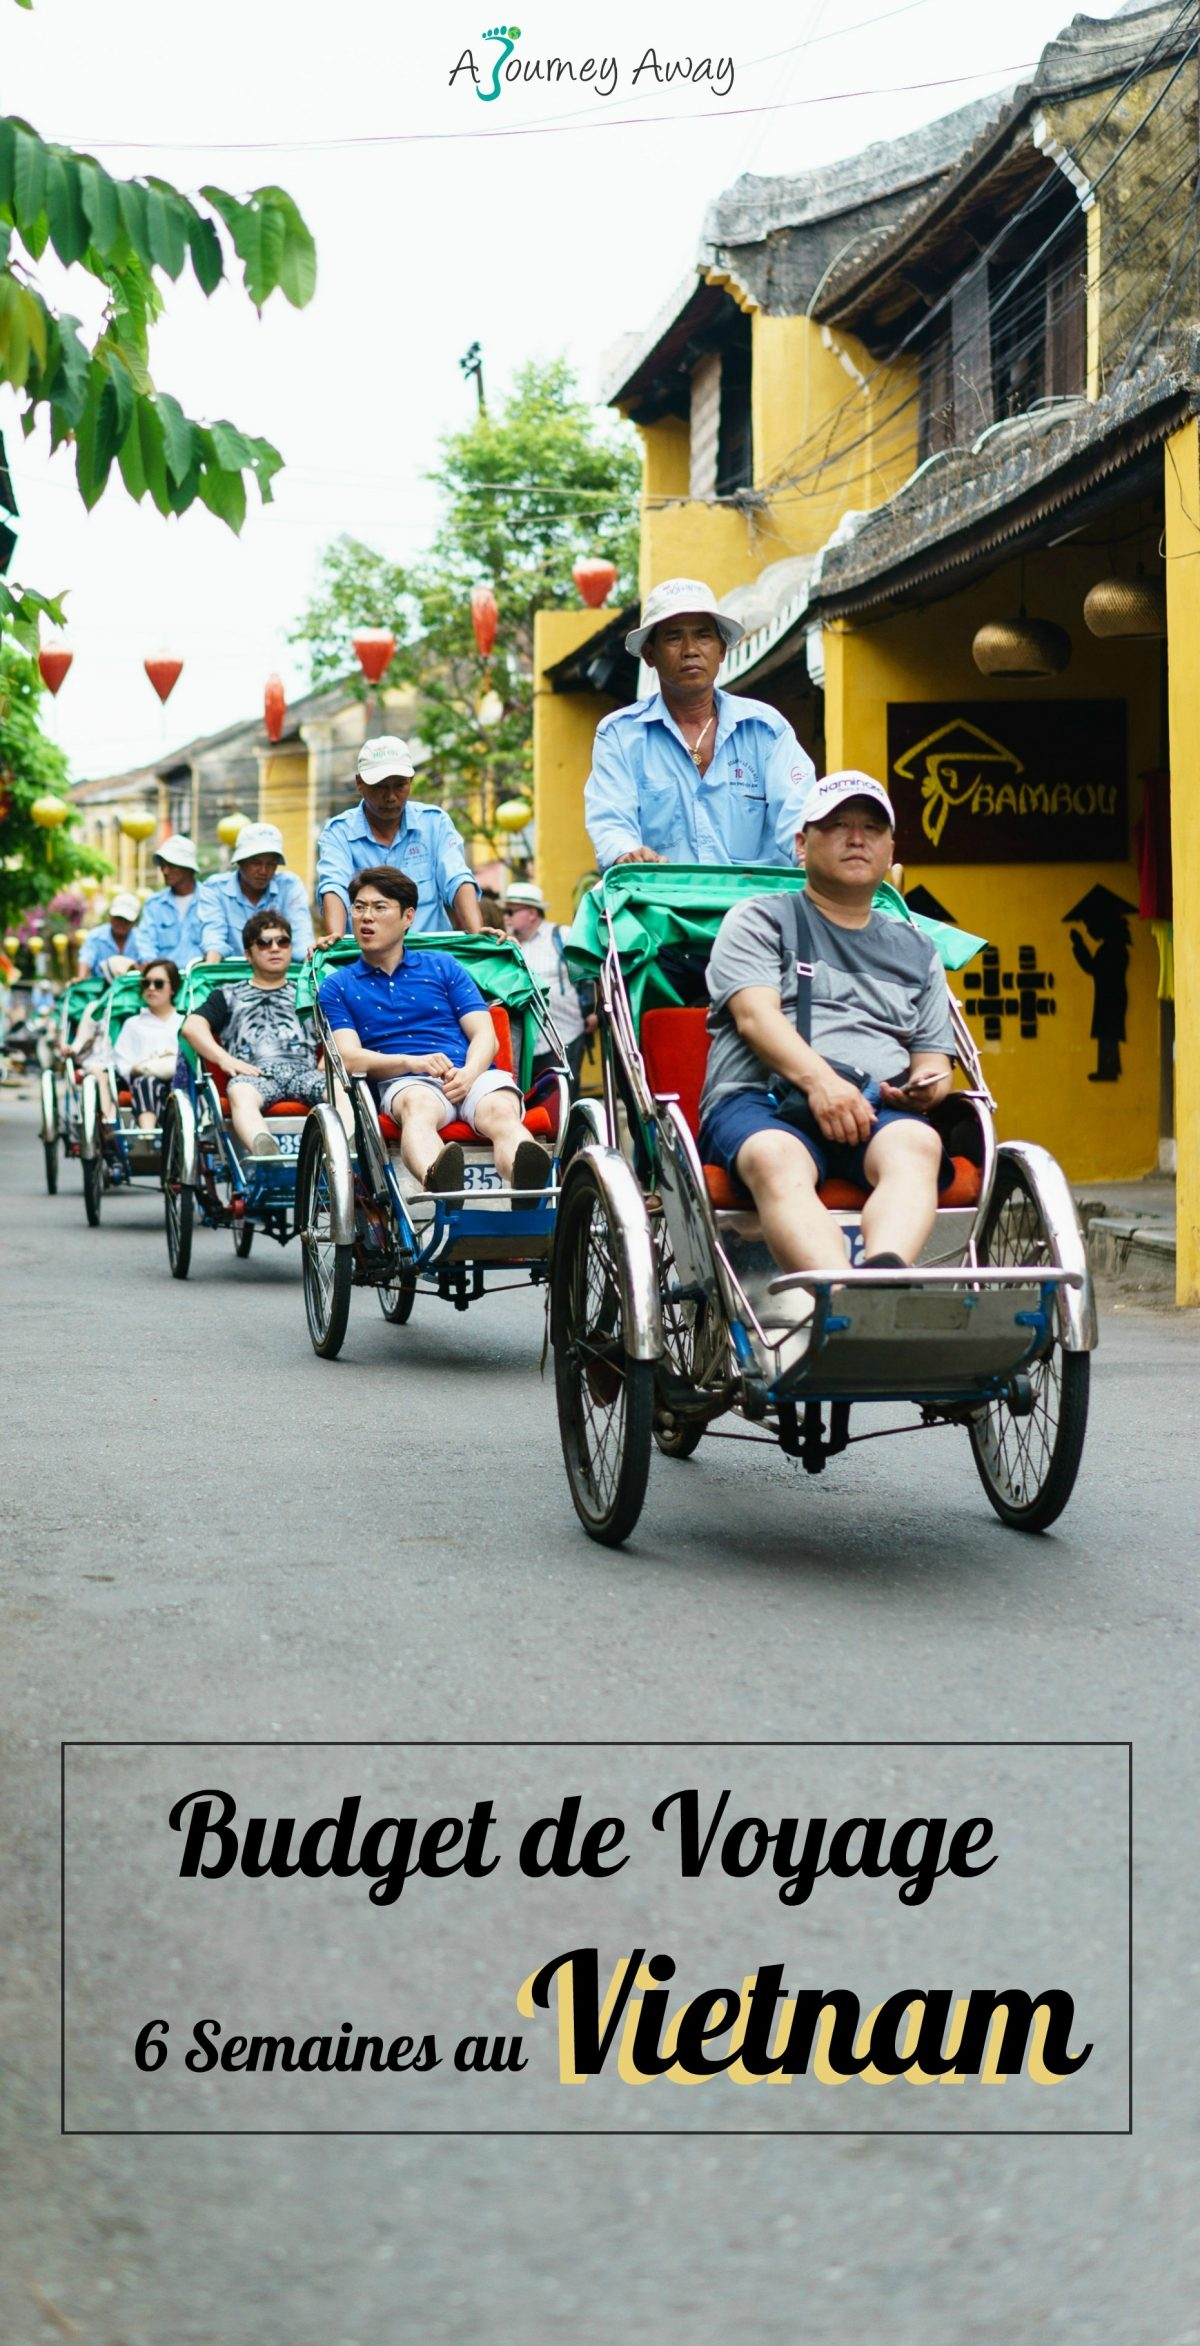 Budget de Voyage - 6 semaines au Vietnam | Blog de voyage A Journey Away